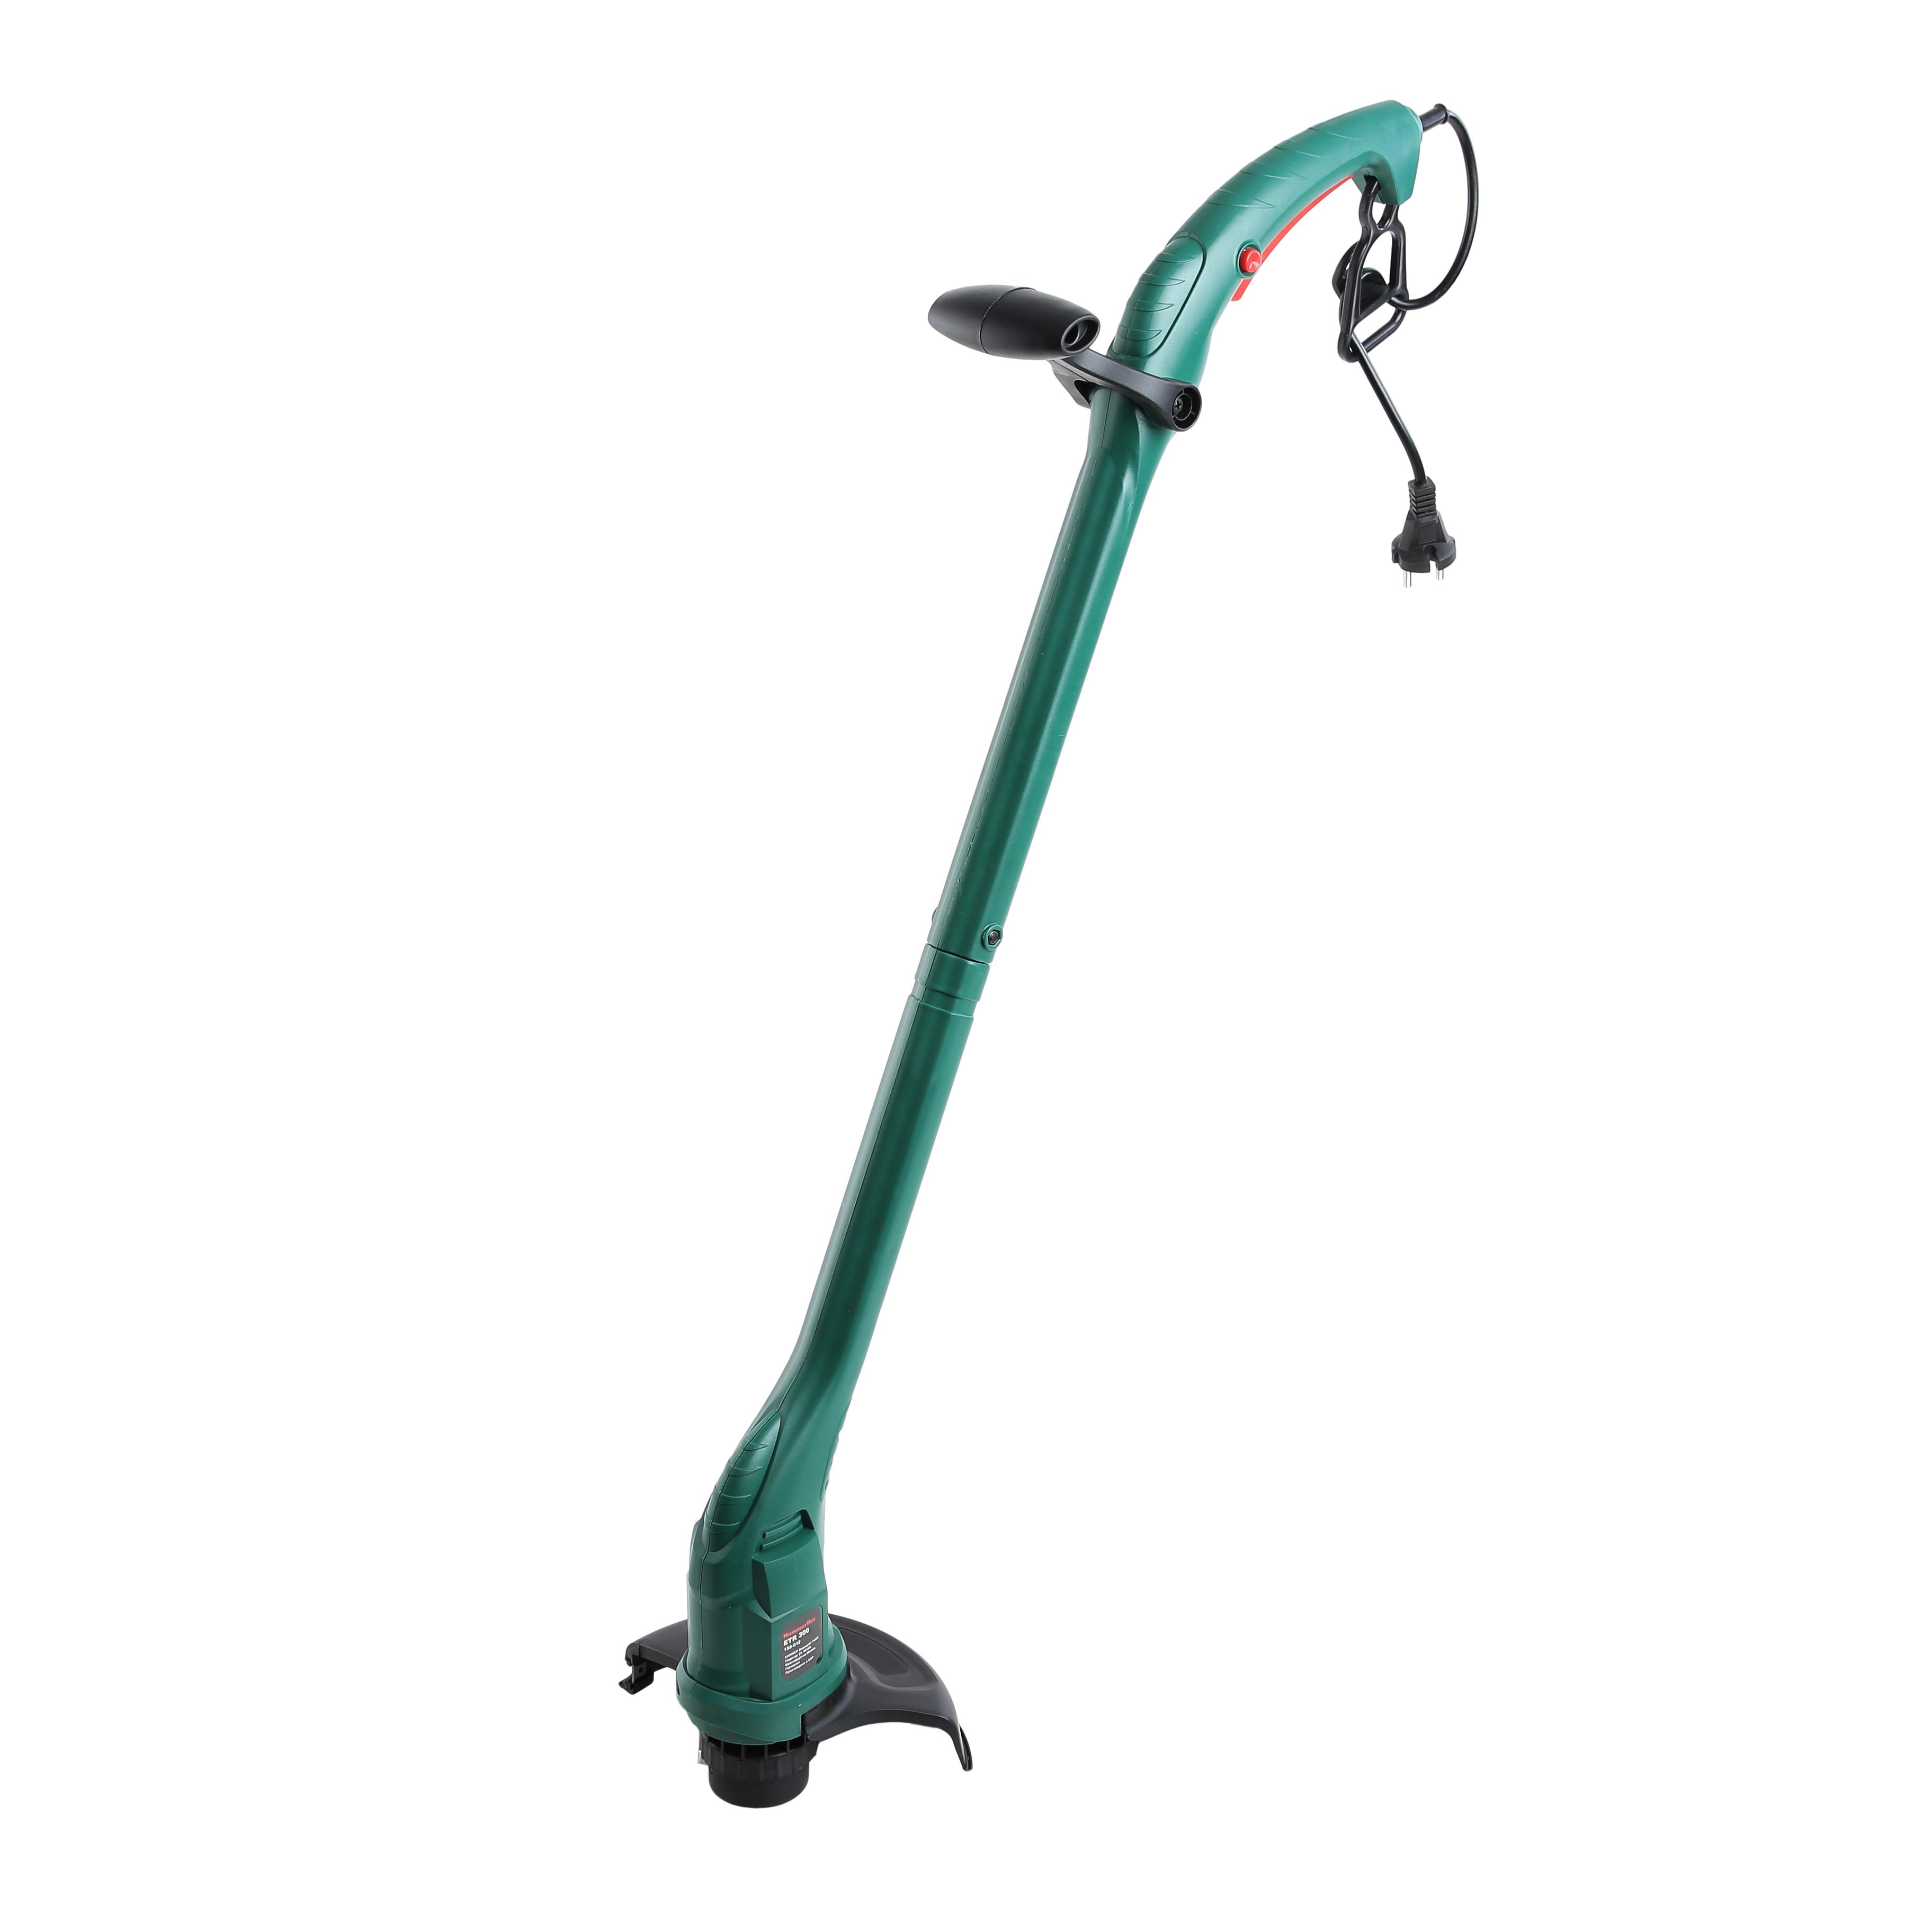 Электрический триммер Hammer Etr300 hammer etr300 триммер